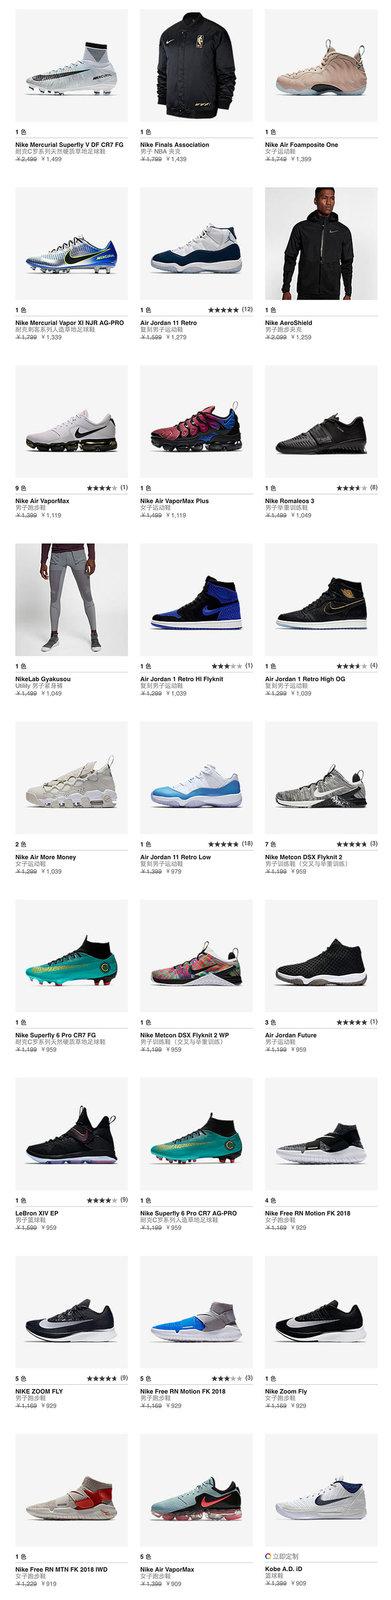 Nike,618  低至五折的 Nike 官网福利刚刚开启!但需要拼拼手速!